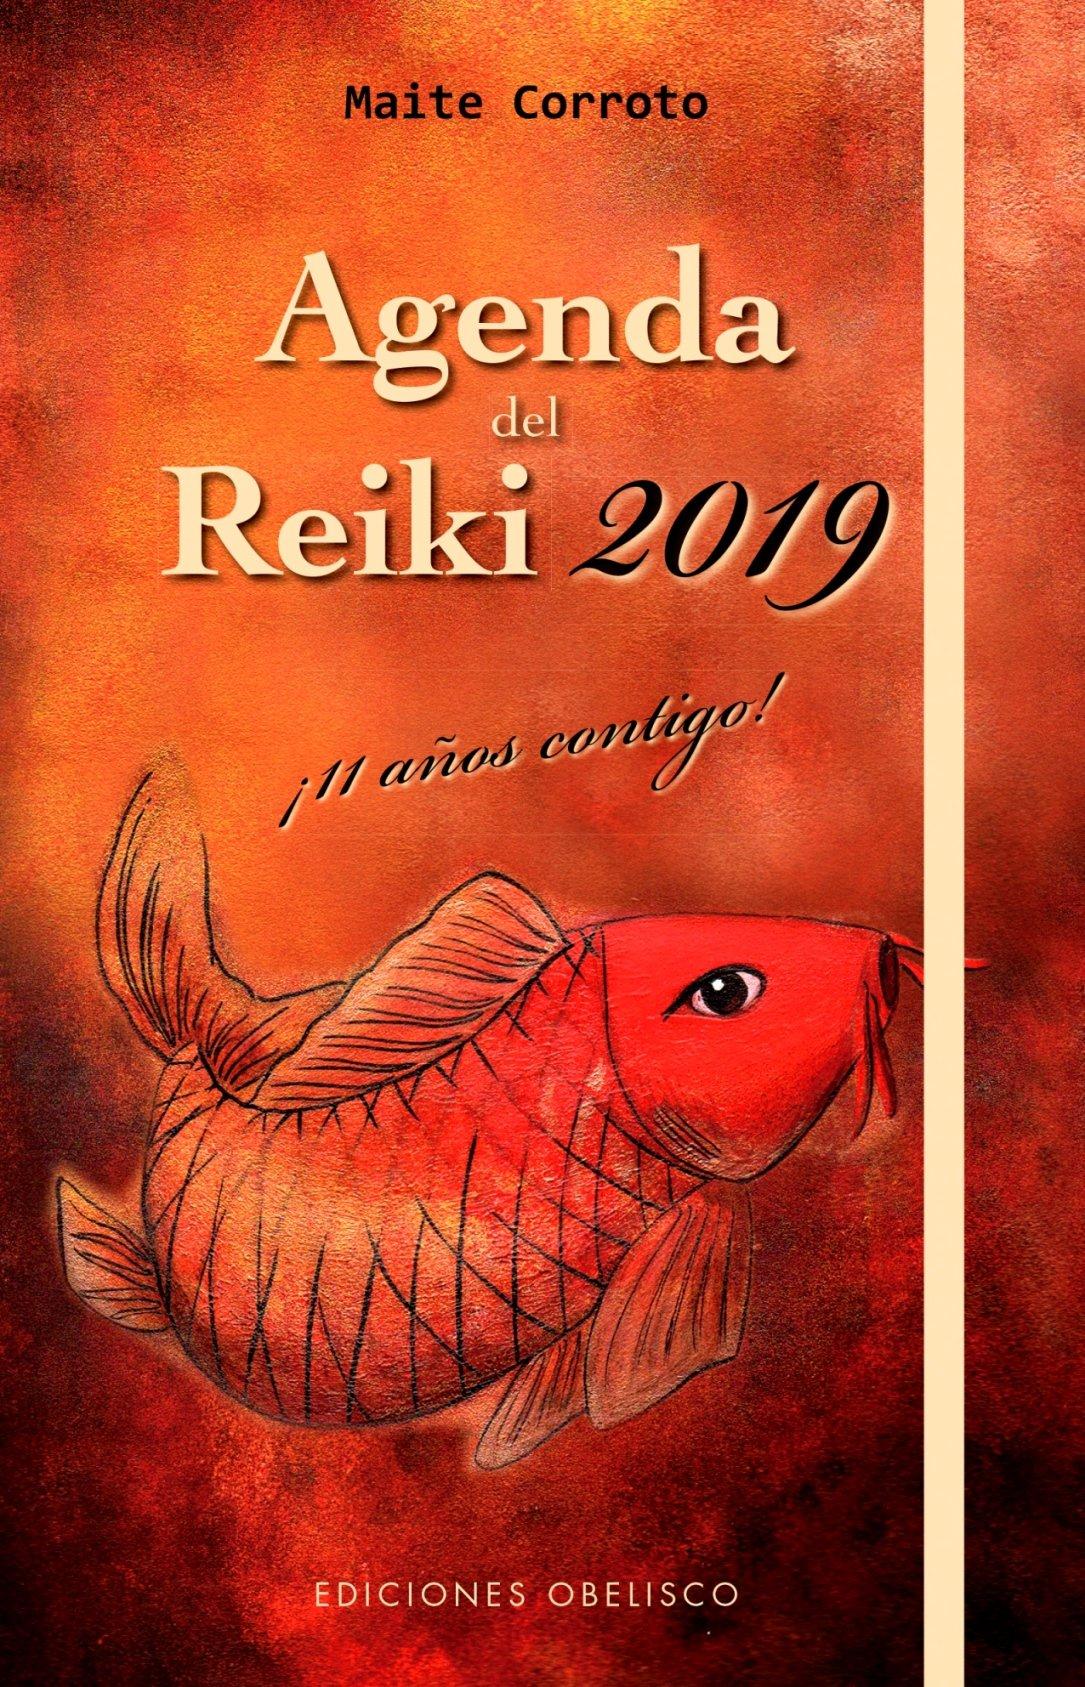 Agenda del Reiki 2019 (AGENDAS) Tapa dura – Agenda, 3 sep 2018 Maite Corroto EDICIONES OBELISCO S.L. 8491113584 BODY